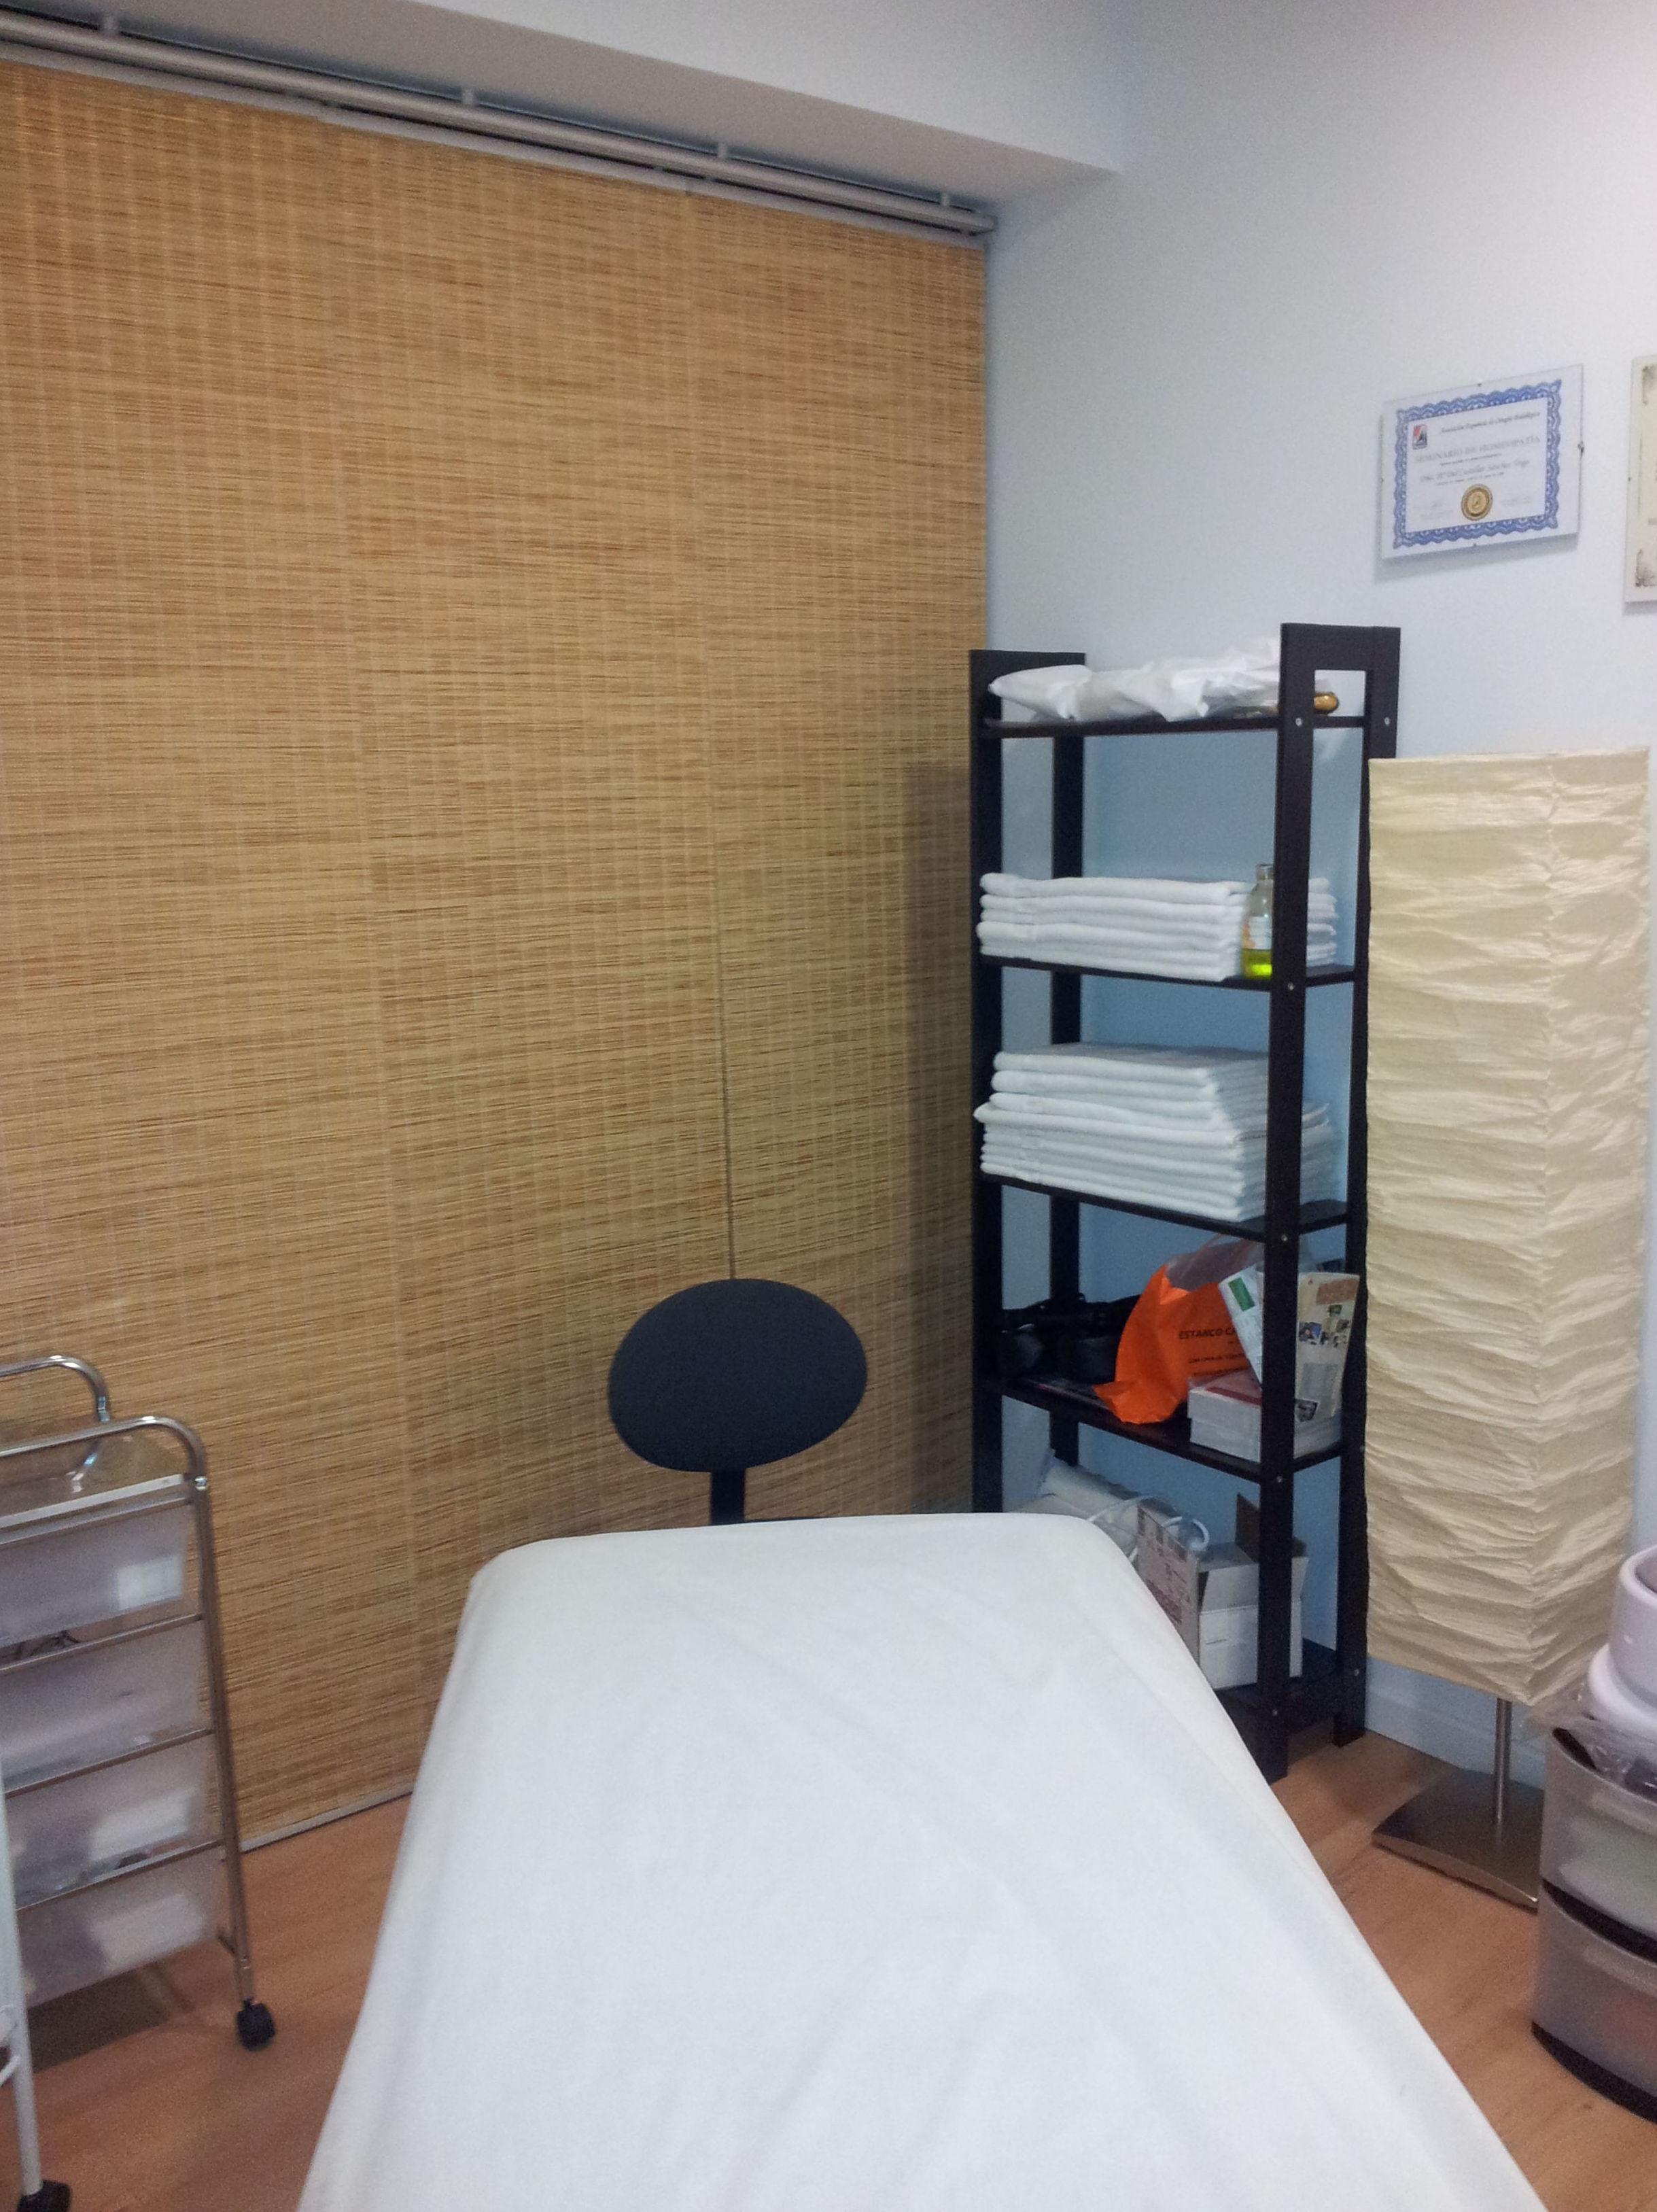 Osteopatia, acupuntura, drenaje linfático, quiromasaje y reflexología podal